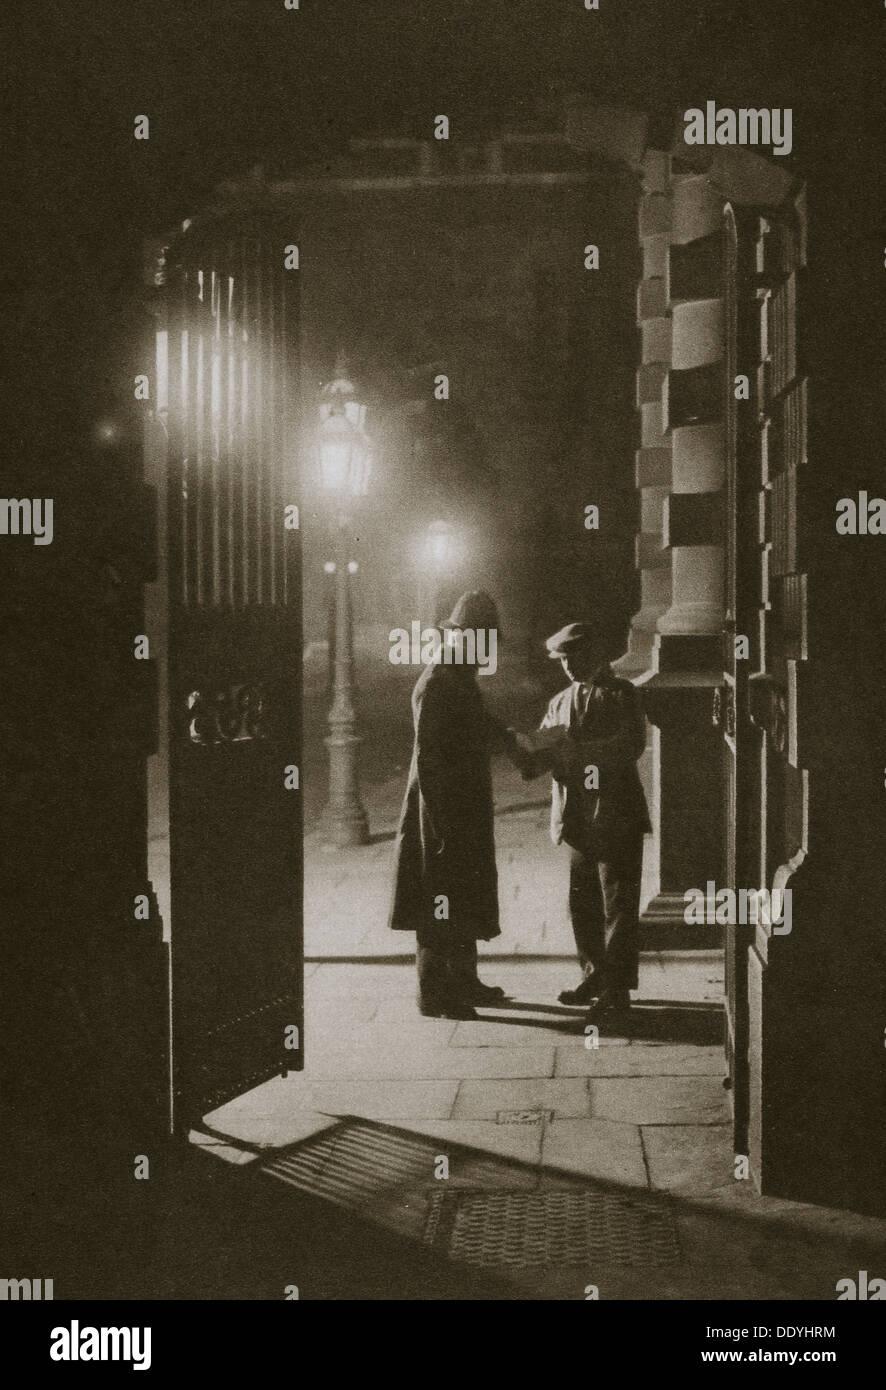 Scotland Yard, en las primeras horas de la mañana, el terraplén, Londres, siglo XX. Artista: Desconocido Imagen De Stock